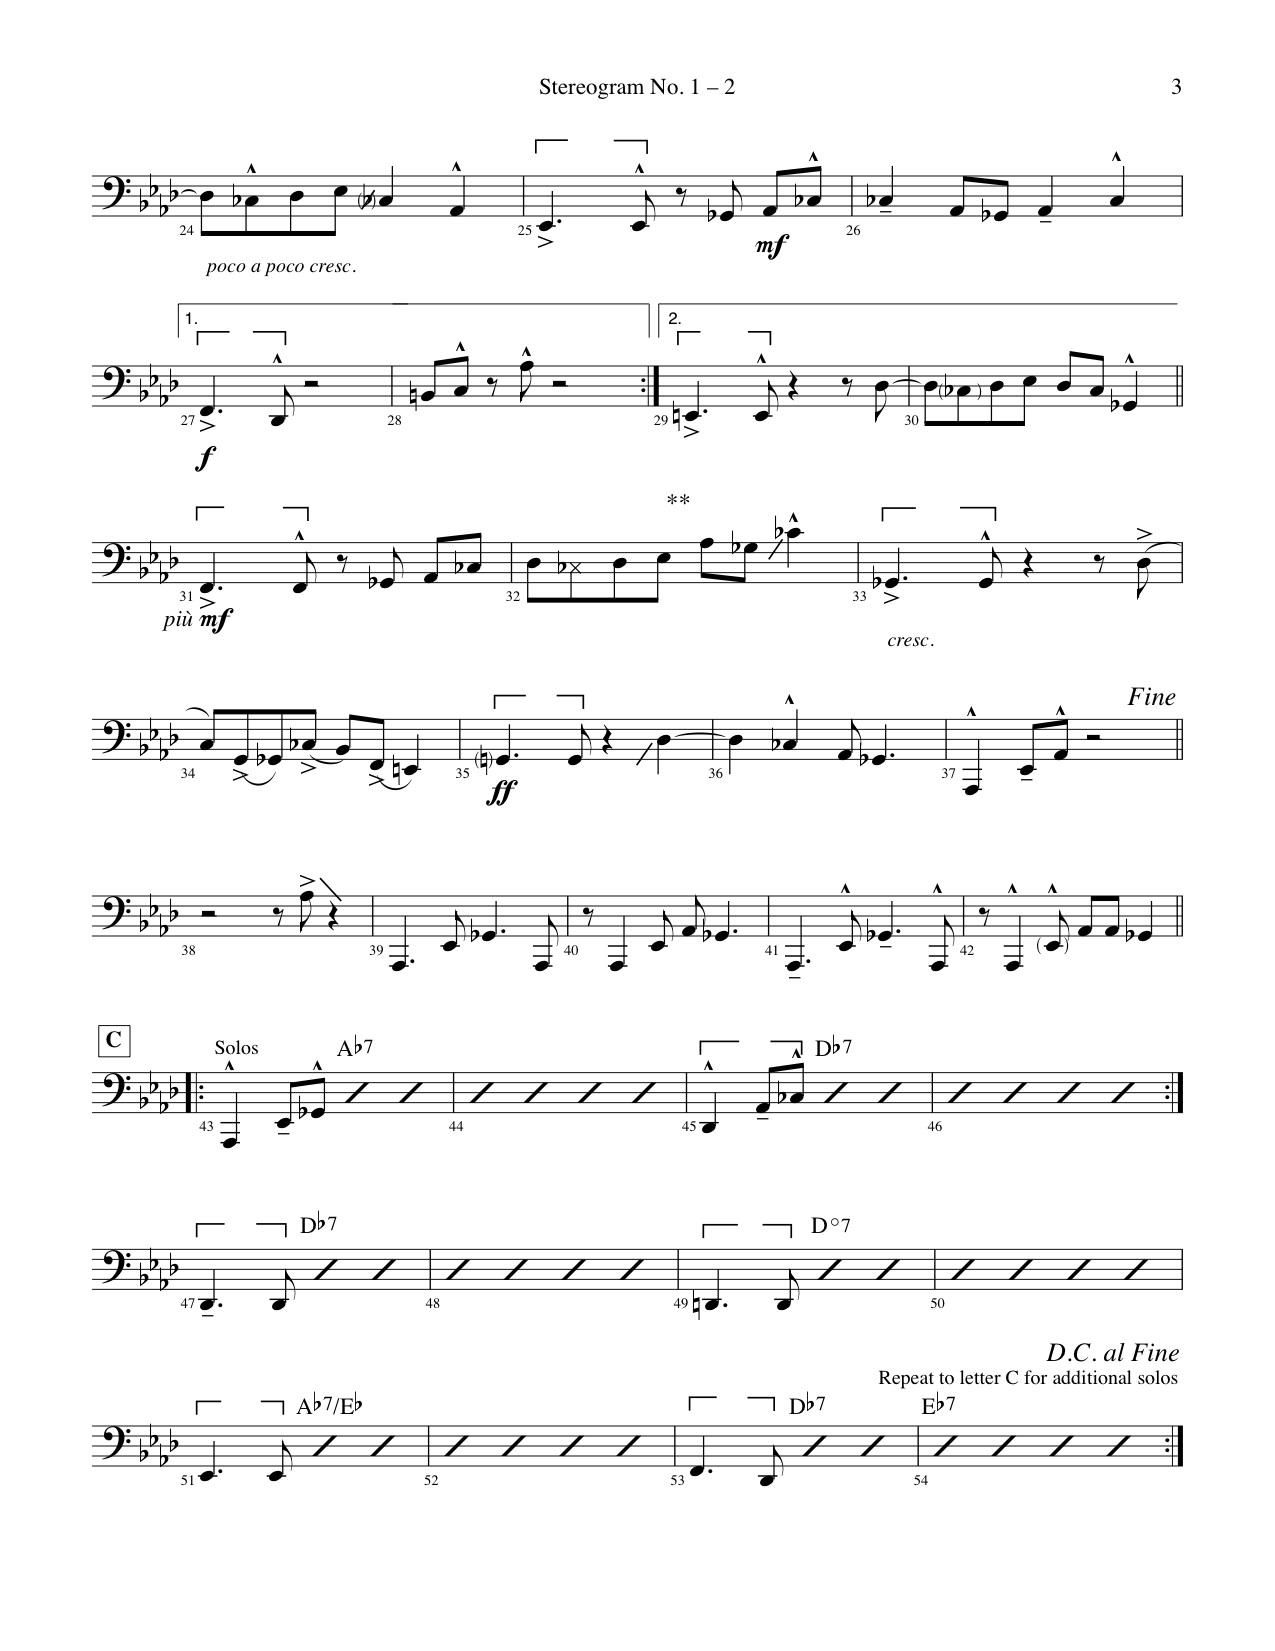 1 Tuba Stereogram page 2